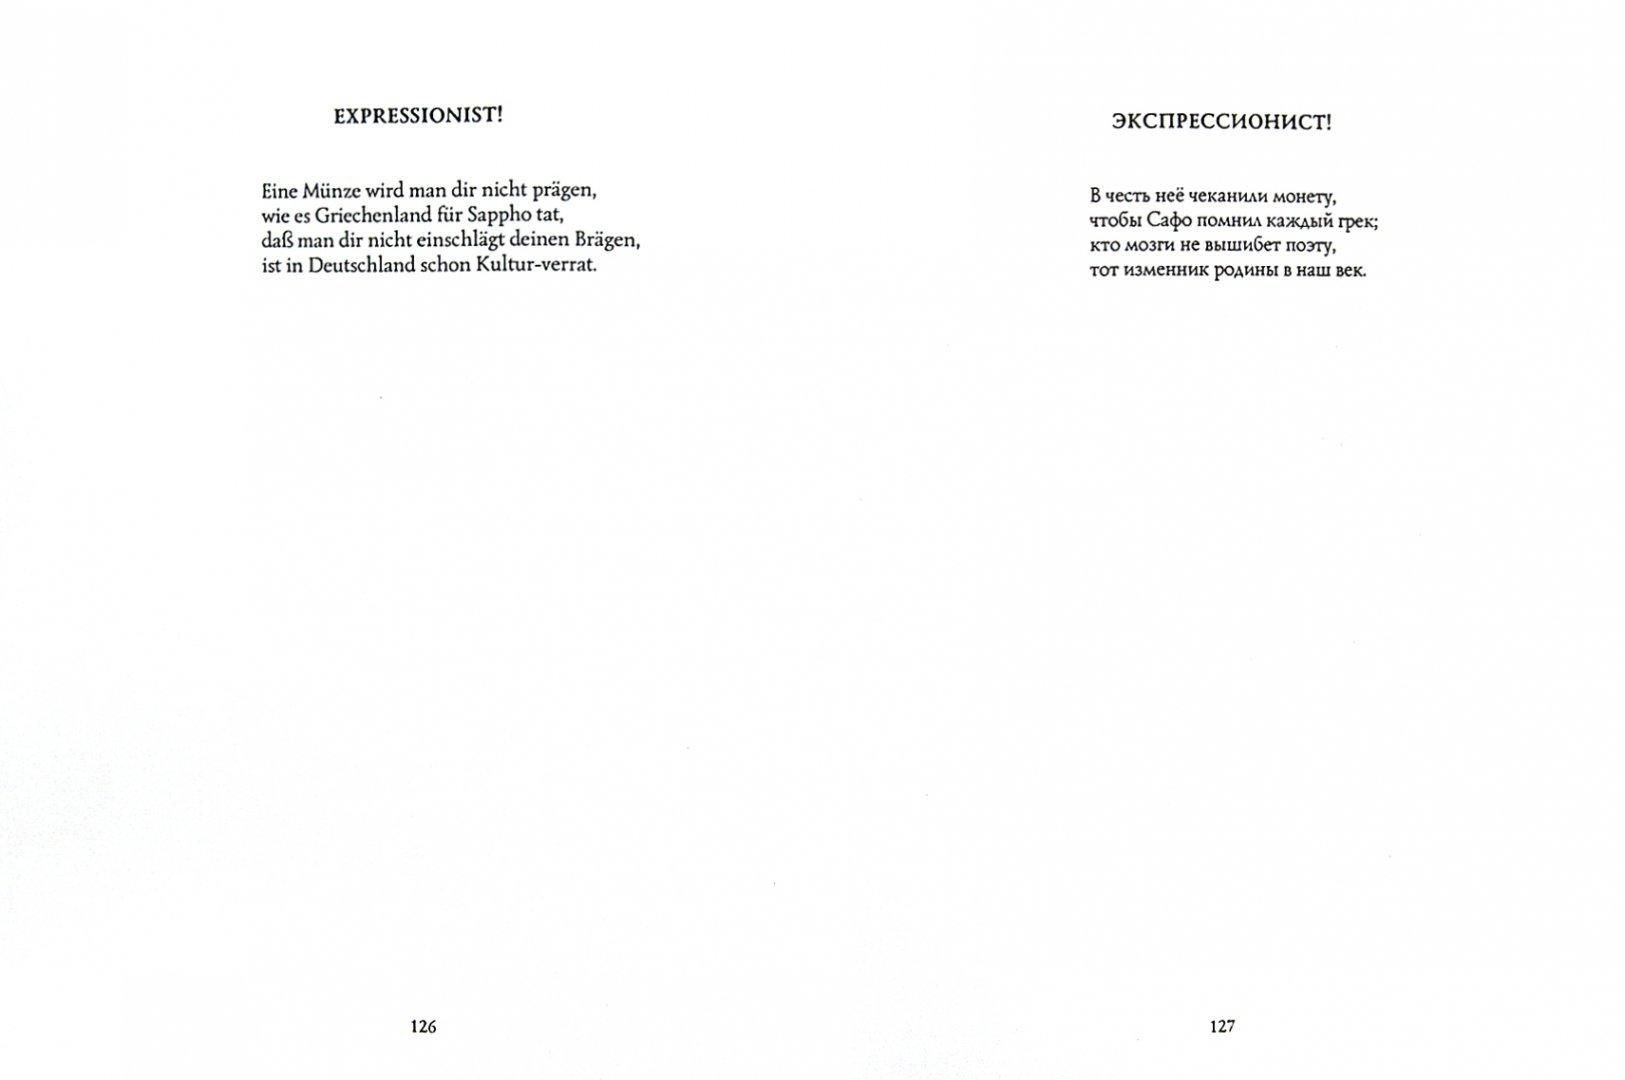 Иллюстрация 1 из 39 для Перед концом света - Готфрид Бенн | Лабиринт - книги. Источник: Лабиринт